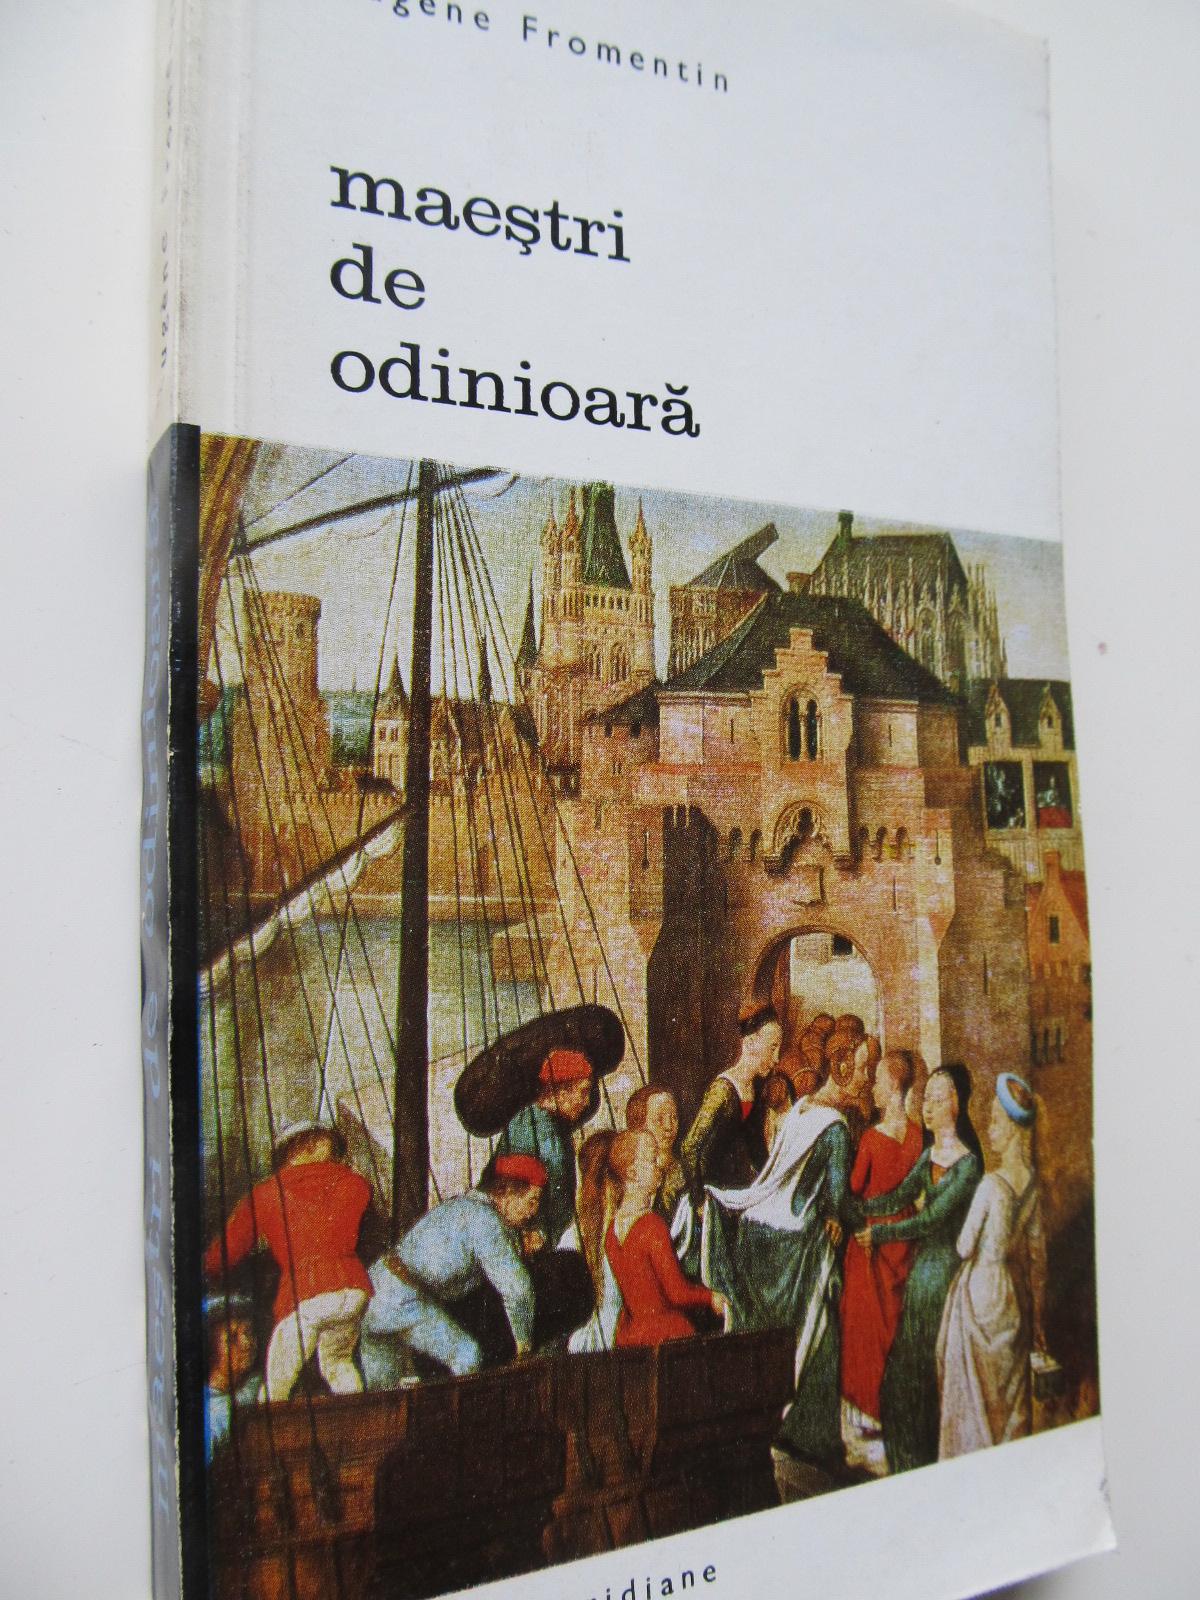 Carte Maestrii de odinioara - Eugene Fromentin